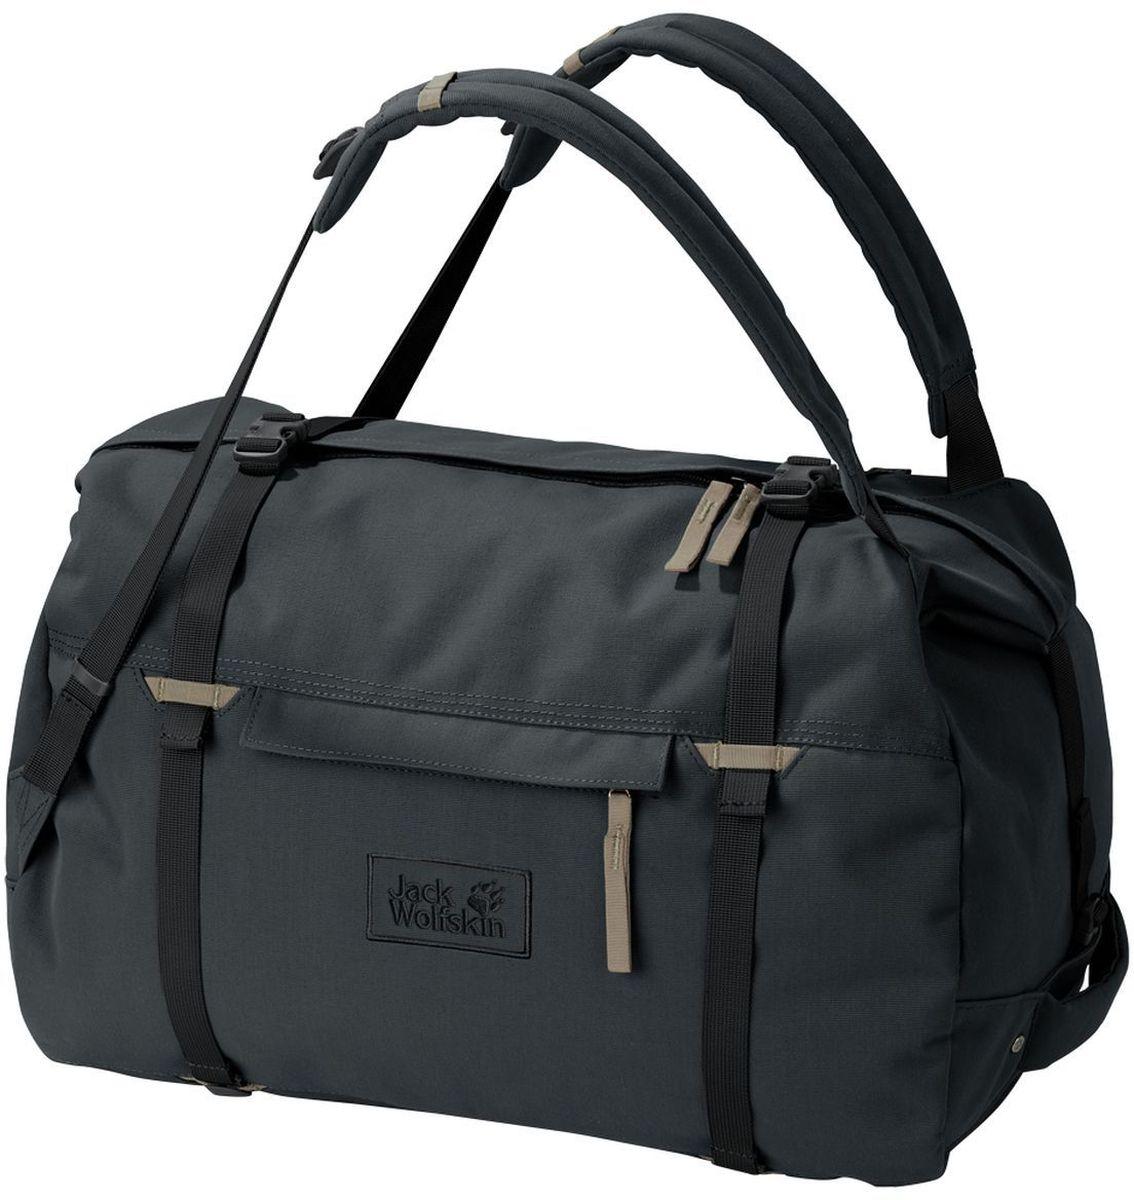 Сумка-рюкзак Jack Wolfskin Roamer 80 Duffle, цвет: темно-серый. 2005671-6350EQW-M710DB-1A1Сумка-рюкзак Jack Wolfskin Roamer 80 Duffle выполнена из полиэстер. Модель с одним отделением. Передняя стенка оформлена карманом на молнии. Очень большая и прочная сумка для путешествий с возможностью ношения как рюкзак